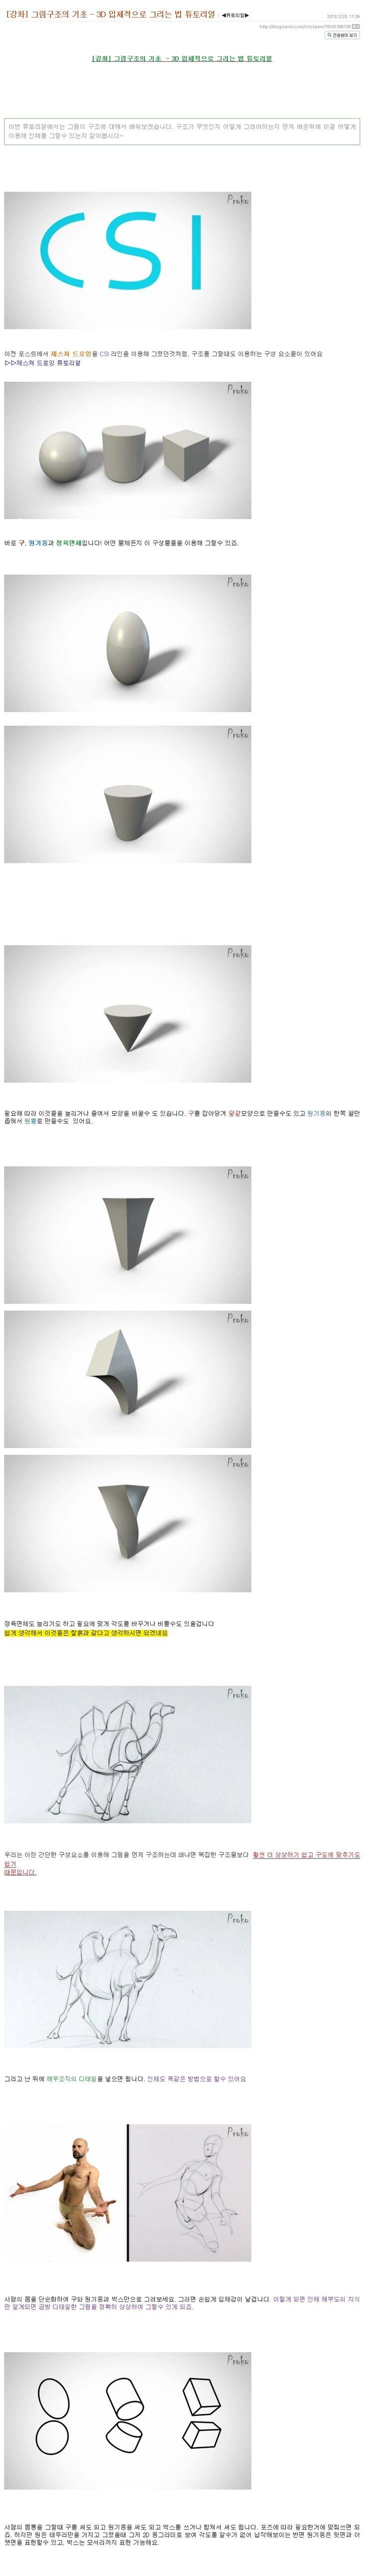 [강좌] 그림구조의 기초 - 3D 입체적으로 그리는 법 튜토리얼(1) https://www.youtube.com/watch?v=3uEtdDvK6Xo